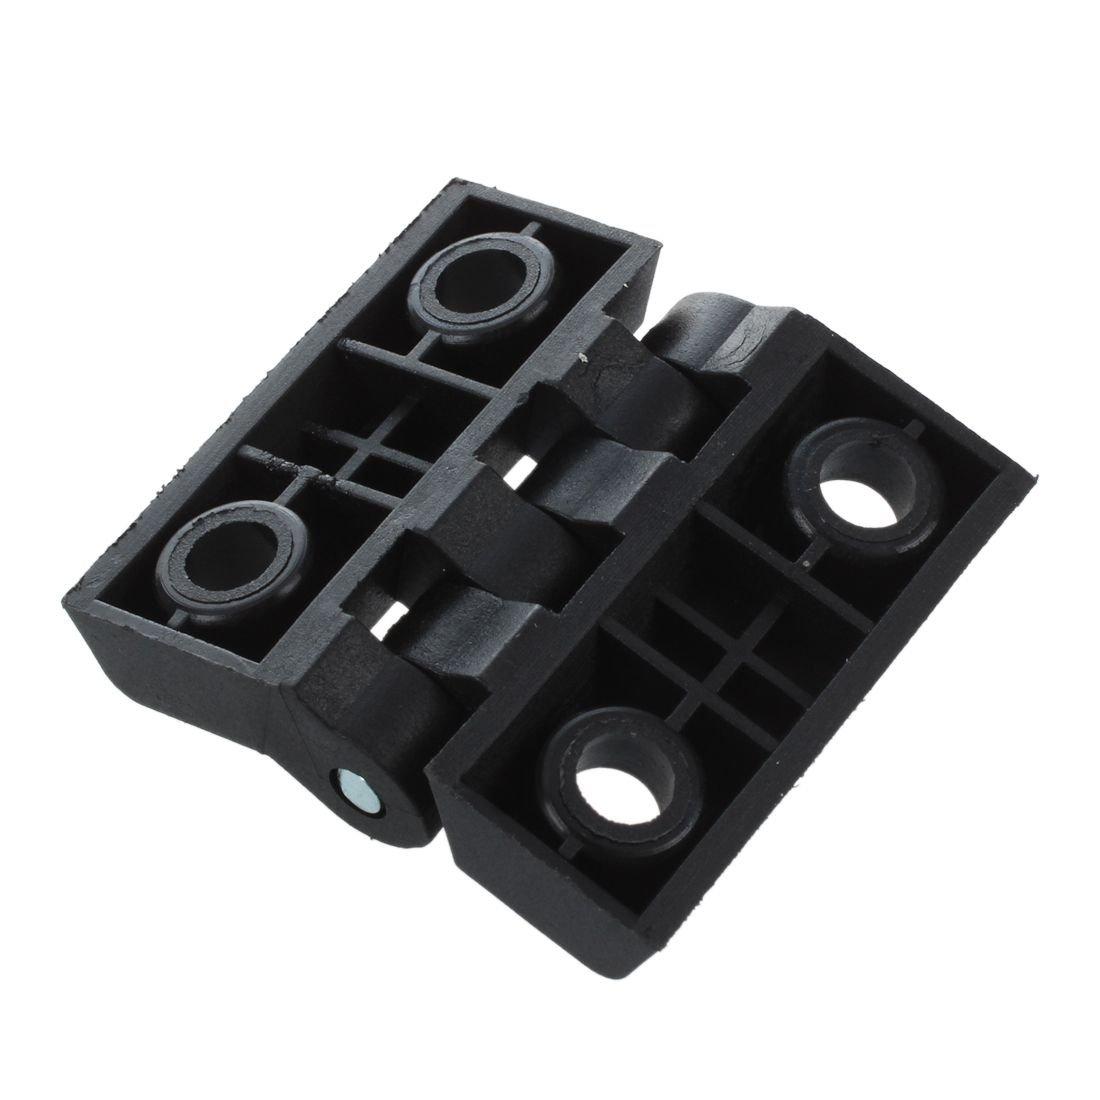 SODIAL R Negro 2 Hojas de Bisagra de cojinete de plastico reforzado